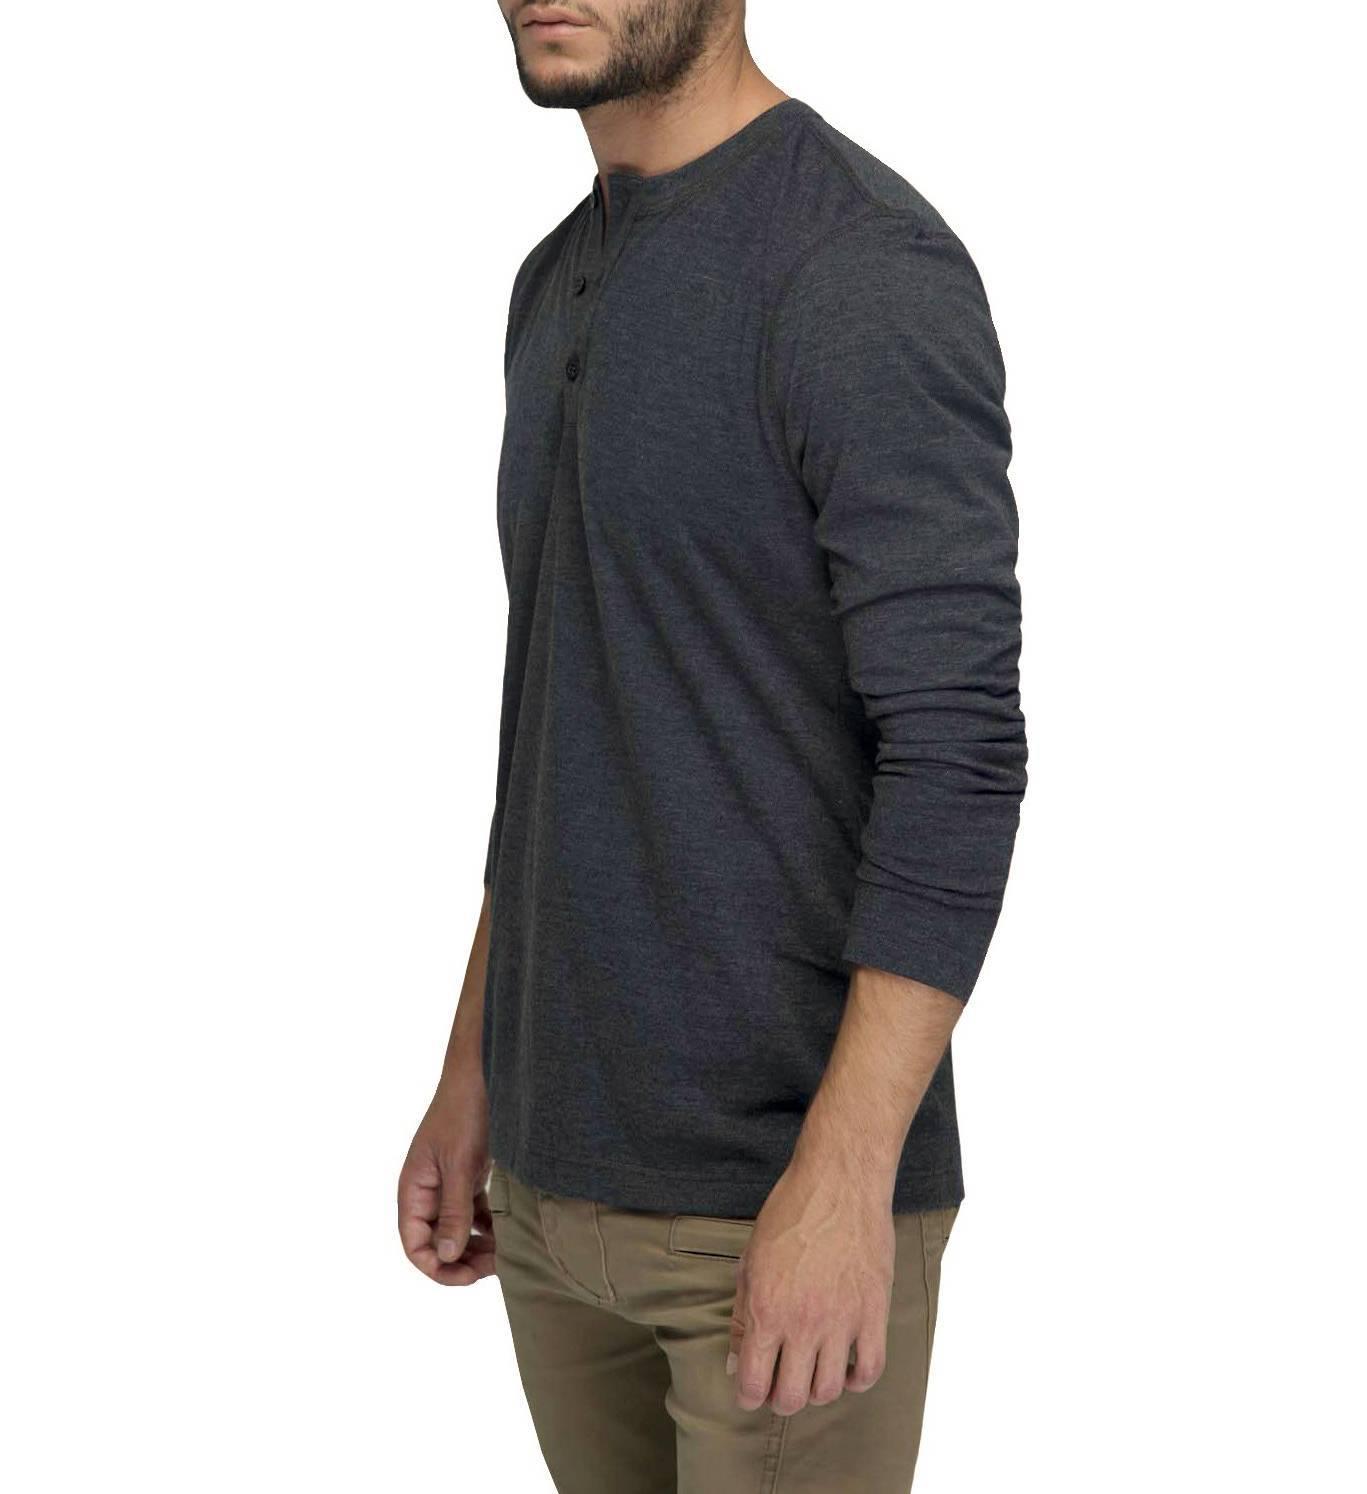 Джемпер мужской ⭐️ Джемпер MD 451 ⭐️